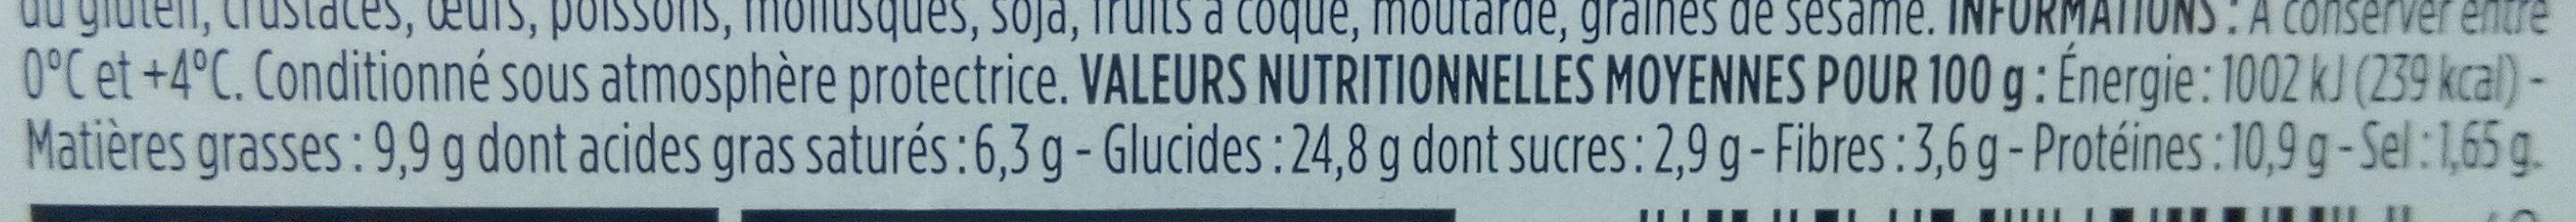 Jambon beurre pain de mie complet - Informations nutritionnelles